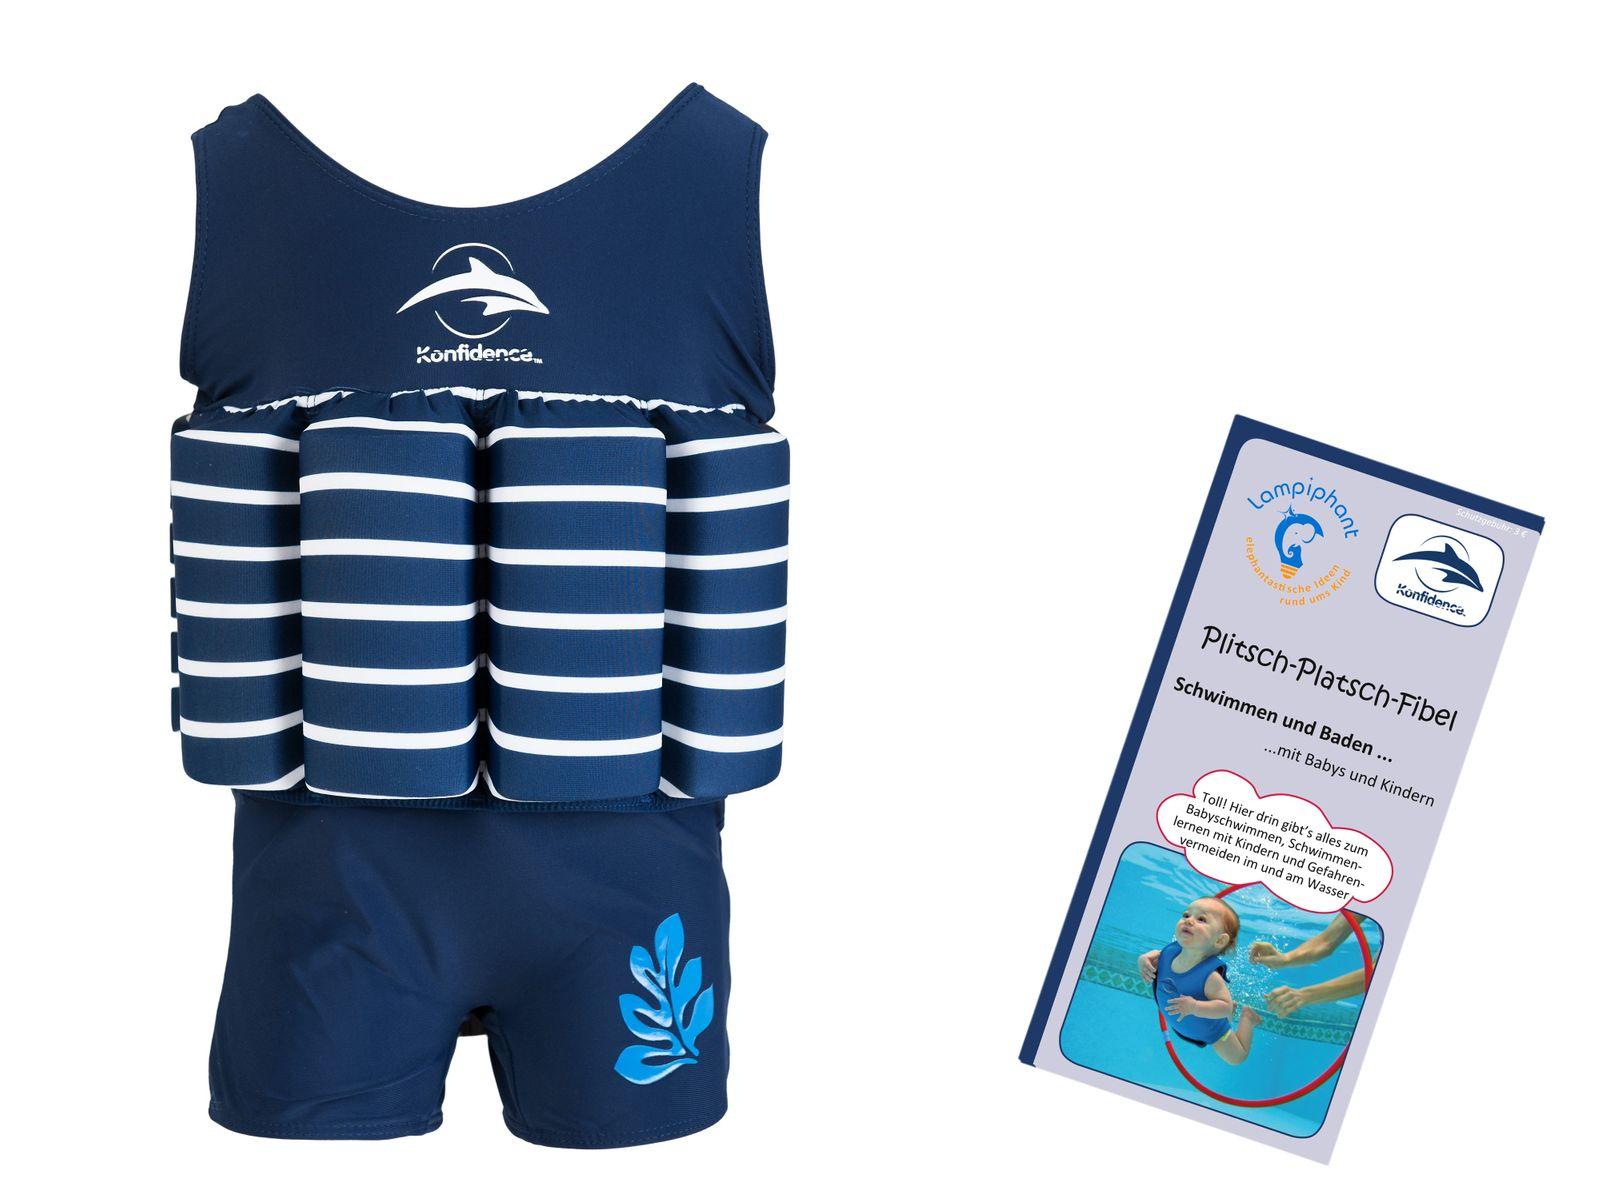 Konfidence Floatsuit, Schwimmhilfe mit umfangreichen Schwimmratgeber – Bild 4